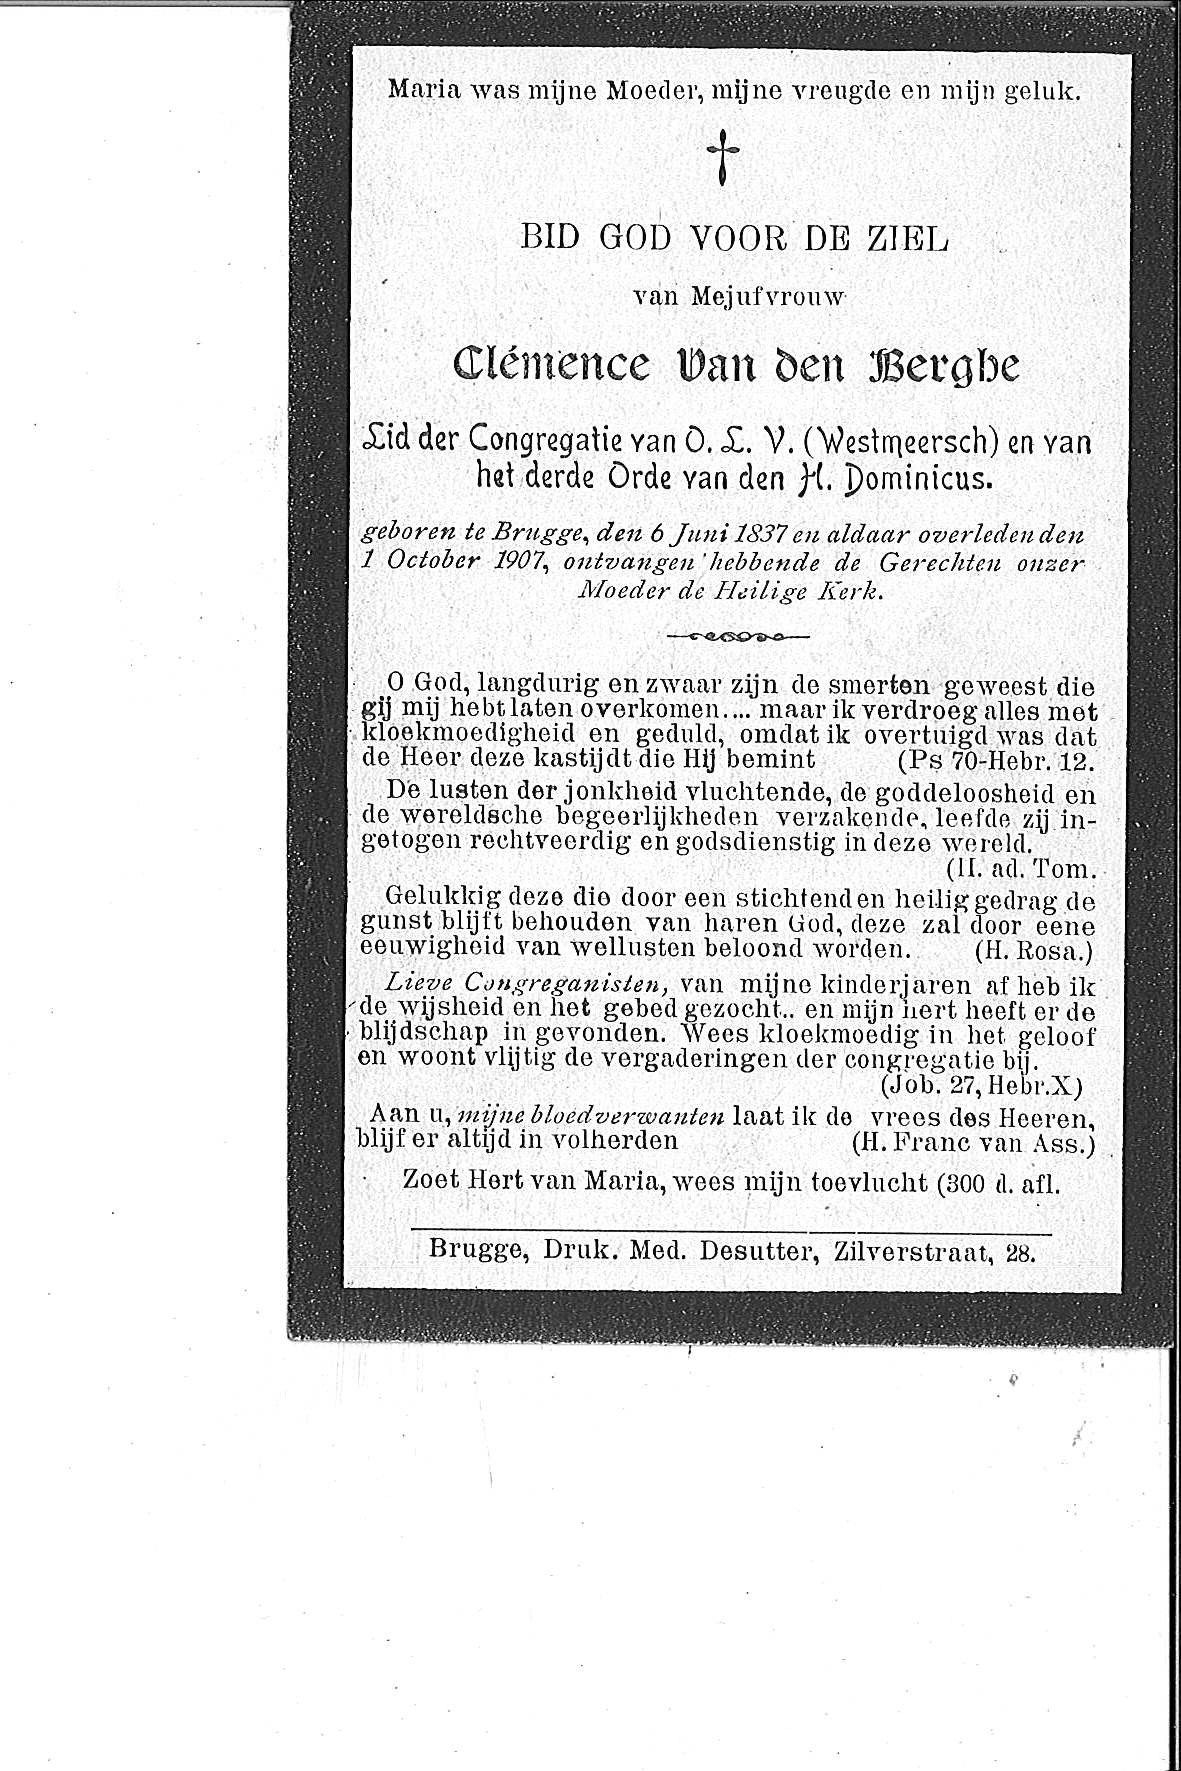 Clémence(1907)20150807111619_00065.jpg